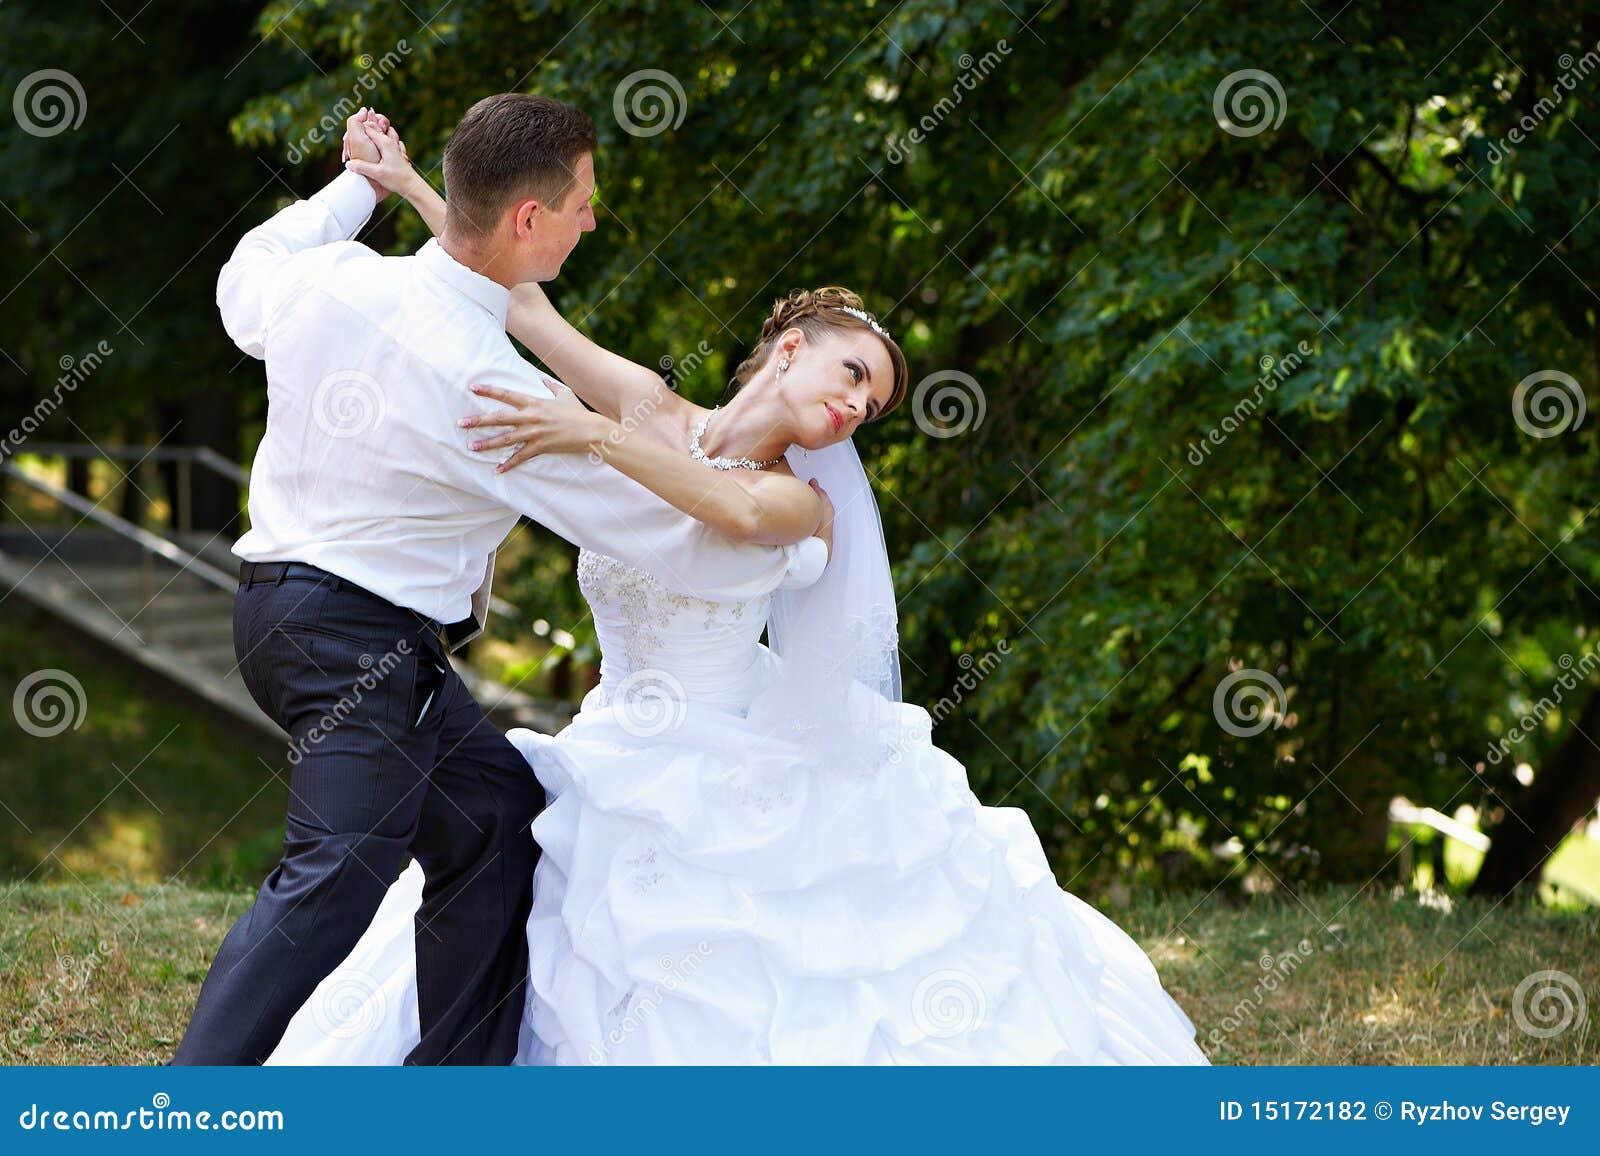 Dança Wedding no parque